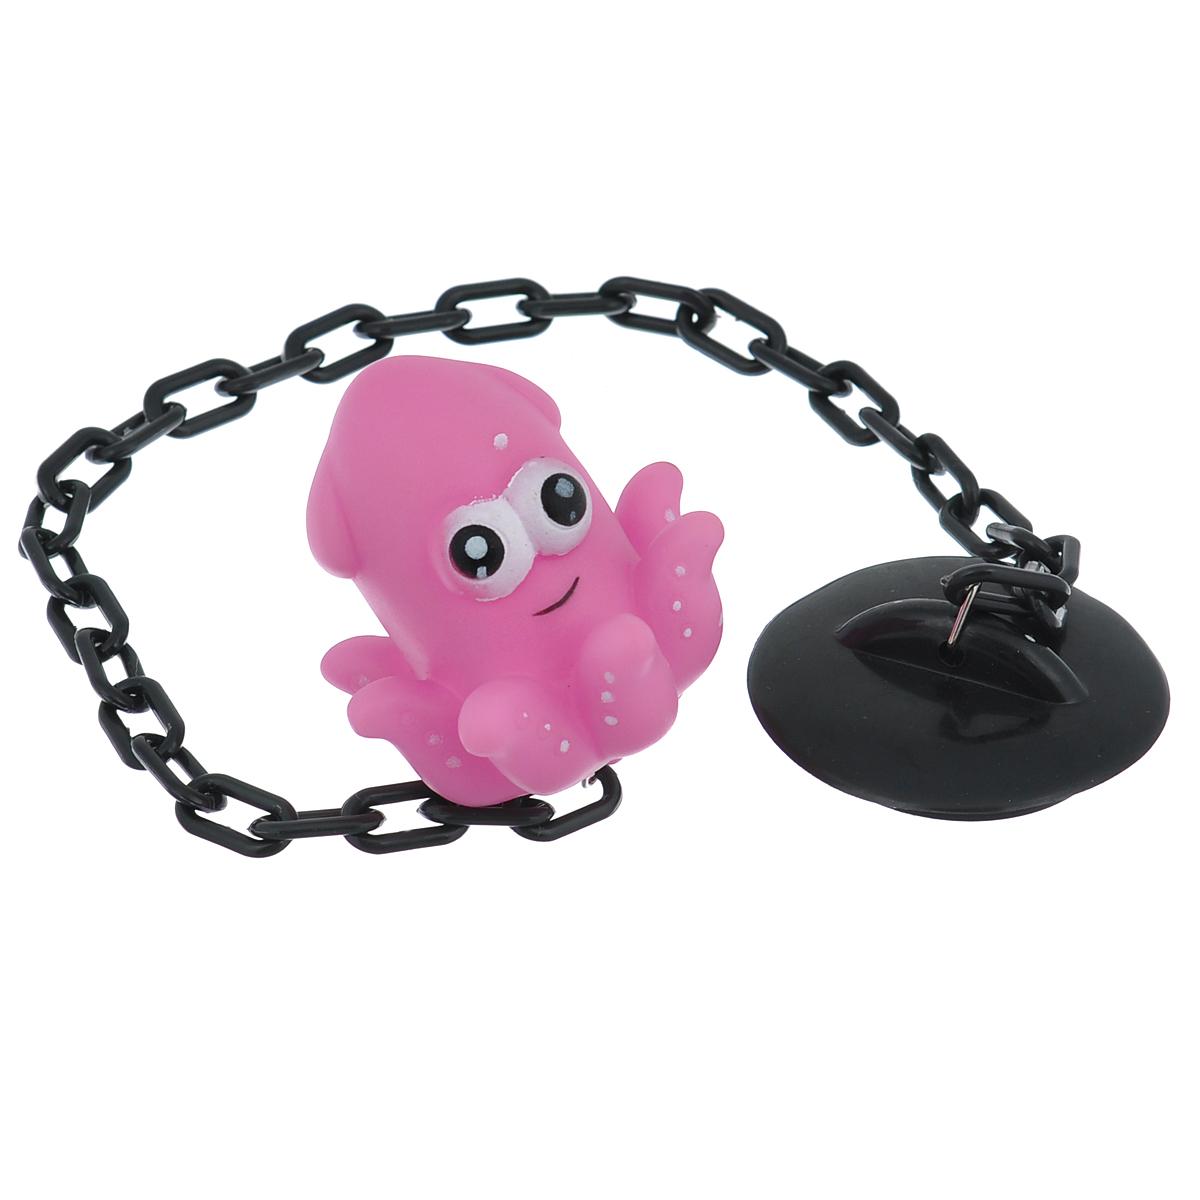 Пробка для раковины Осьминог, цвет: розовый. 813-038813-038Диаметр пробки: 5,5 см.